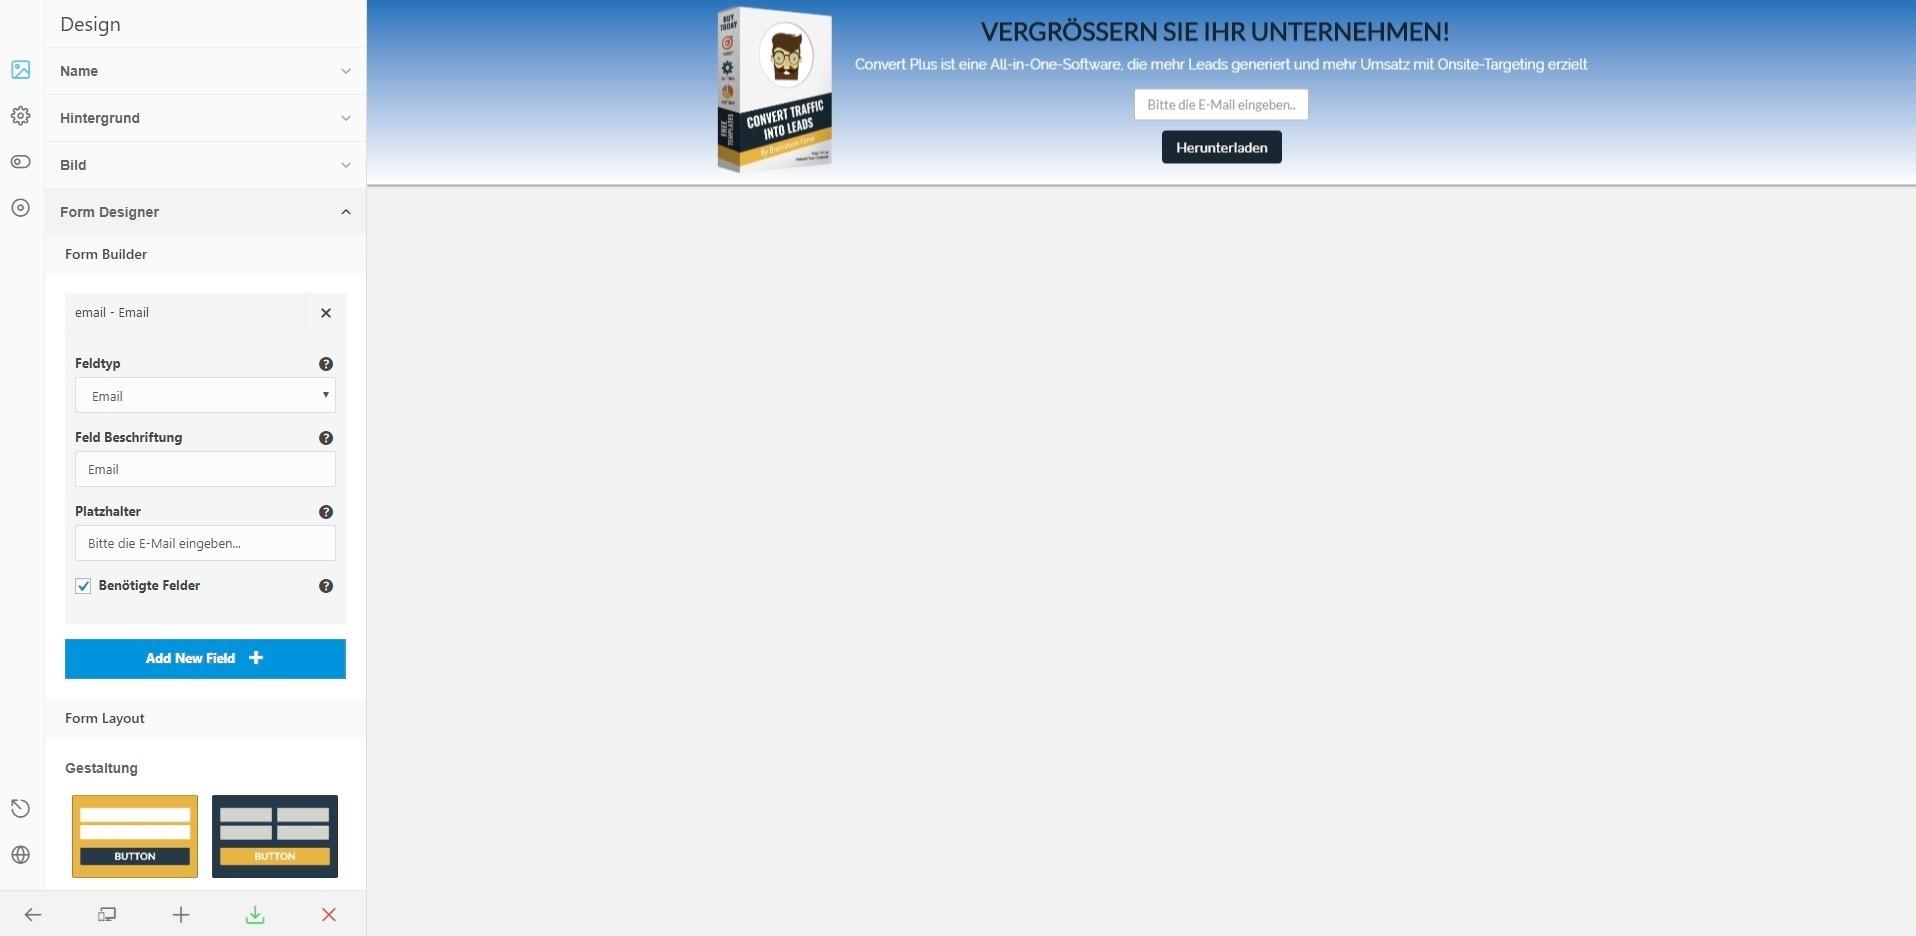 LP - ConvertPlus WP Plugin Sprachdateien 6